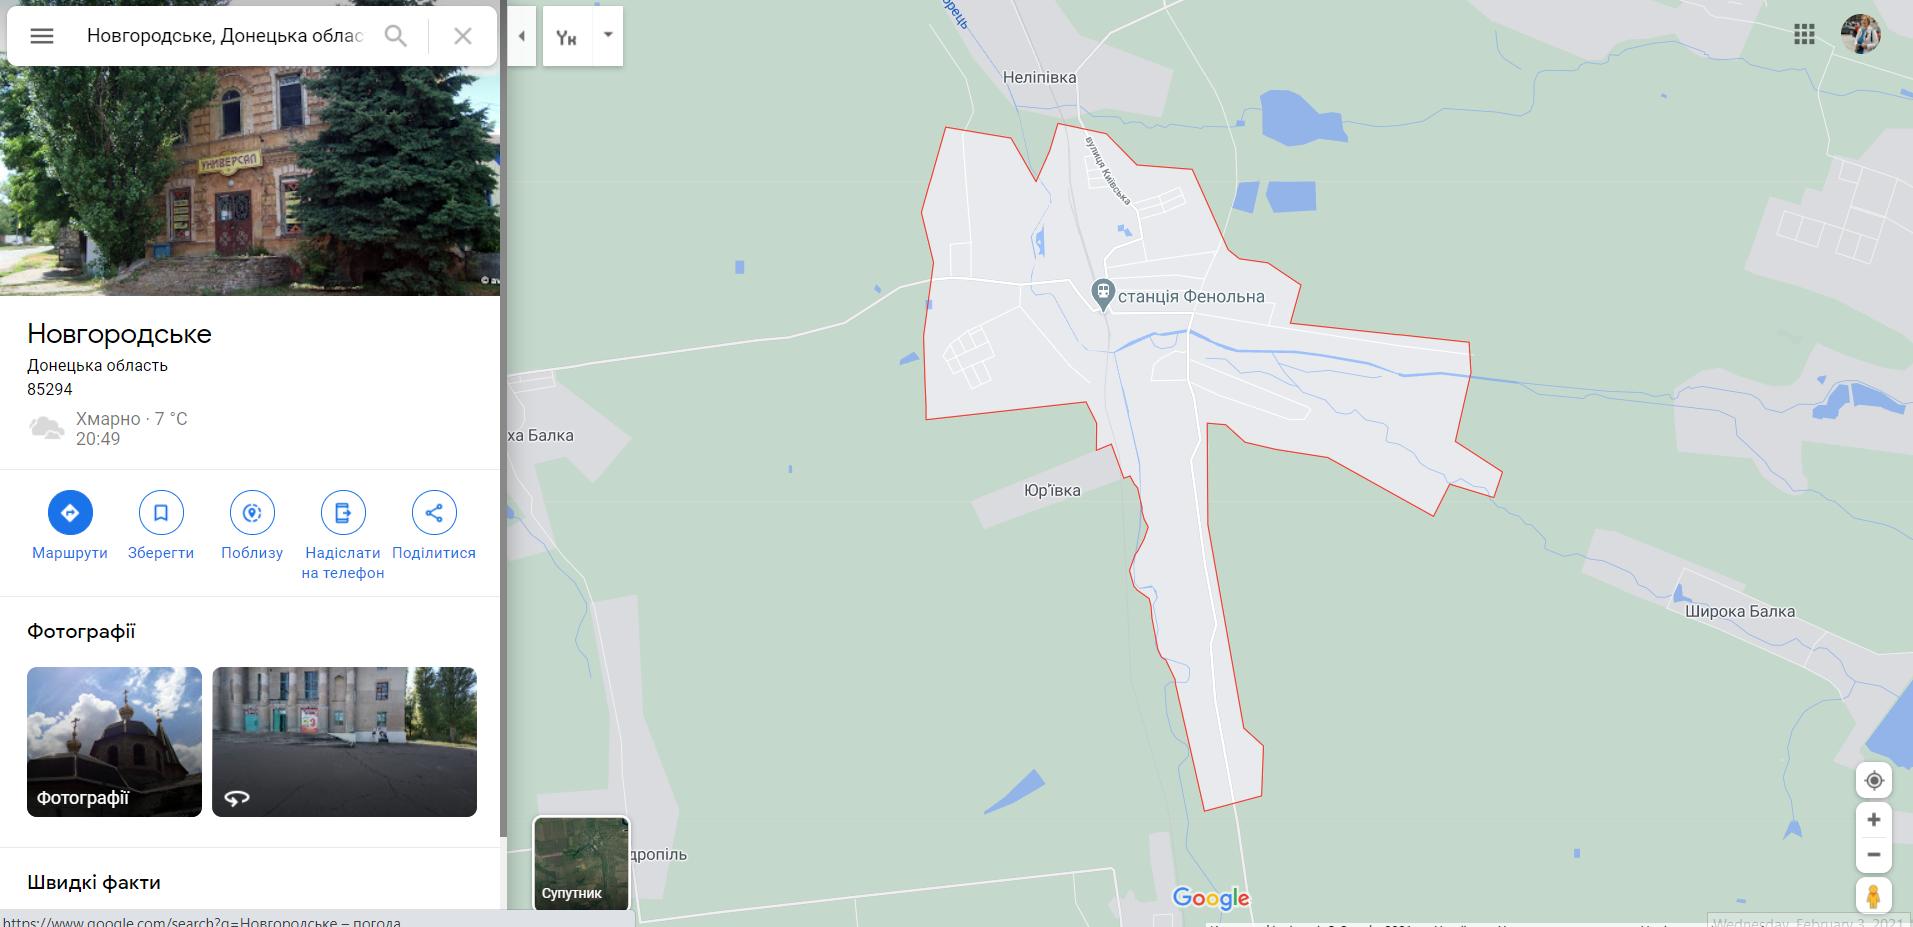 Новгородское на карте Донетчины